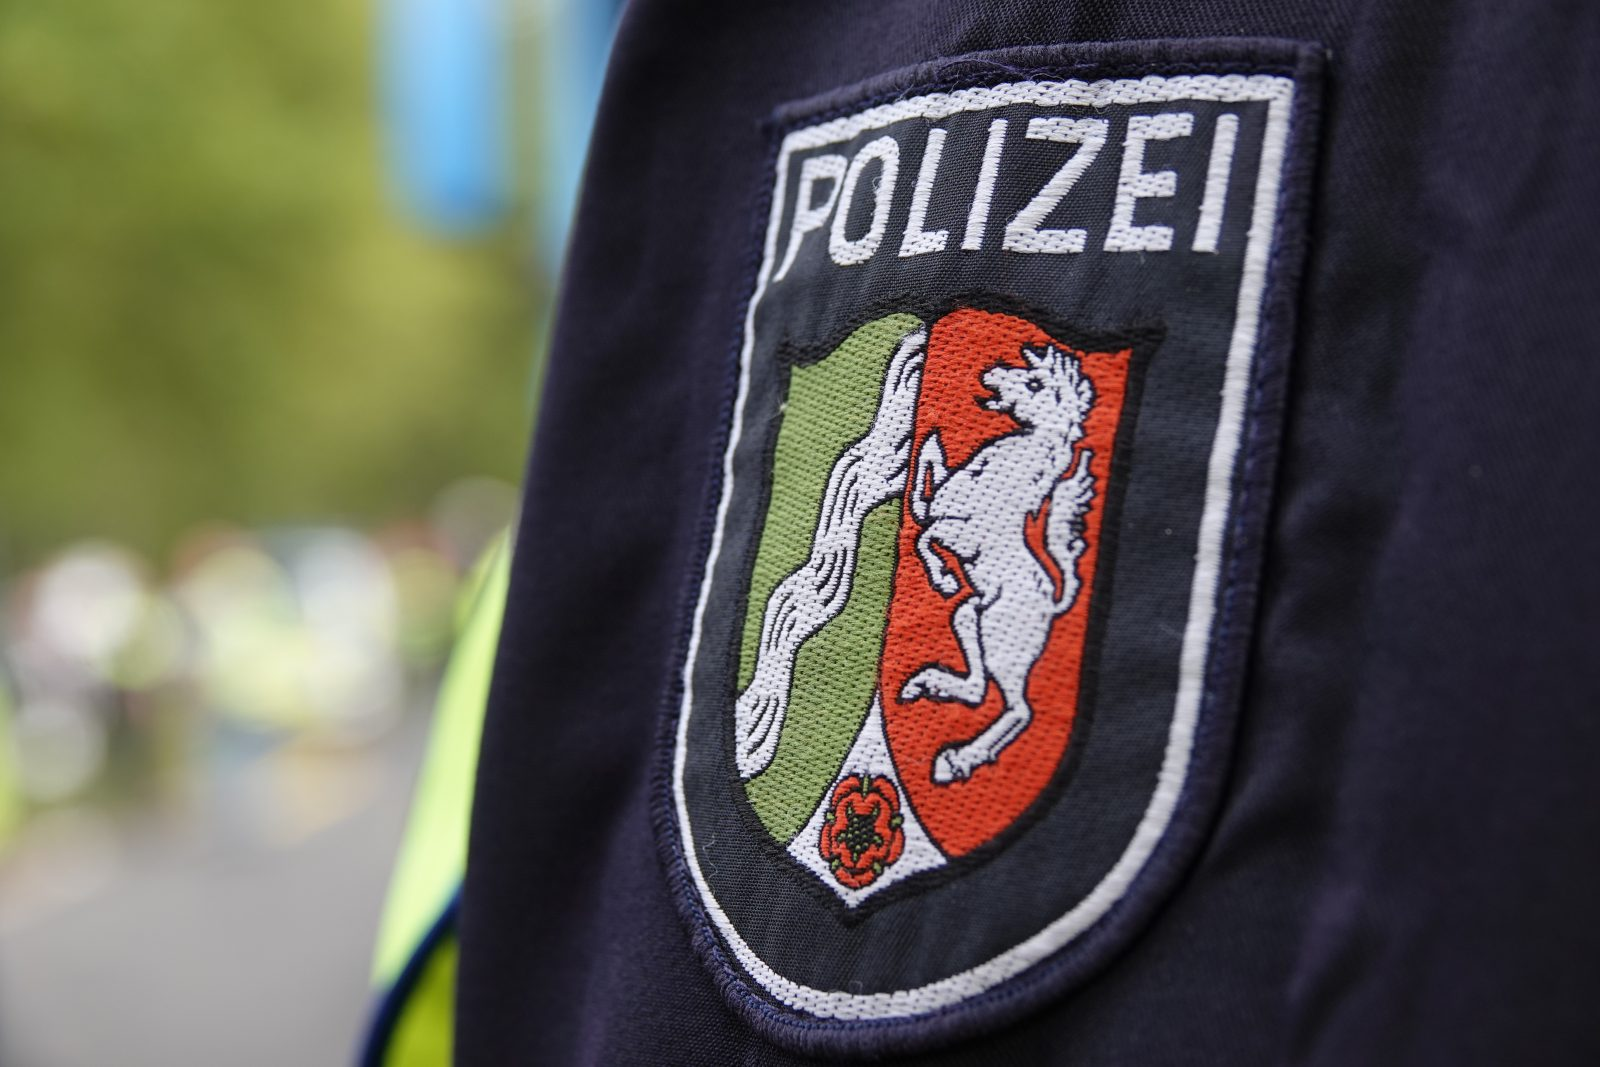 In Köln nahm die Polizei einen islamischen Gefährder fest (Symbolbild) Foto: picture alliance/Weronika Peneshko/dpa